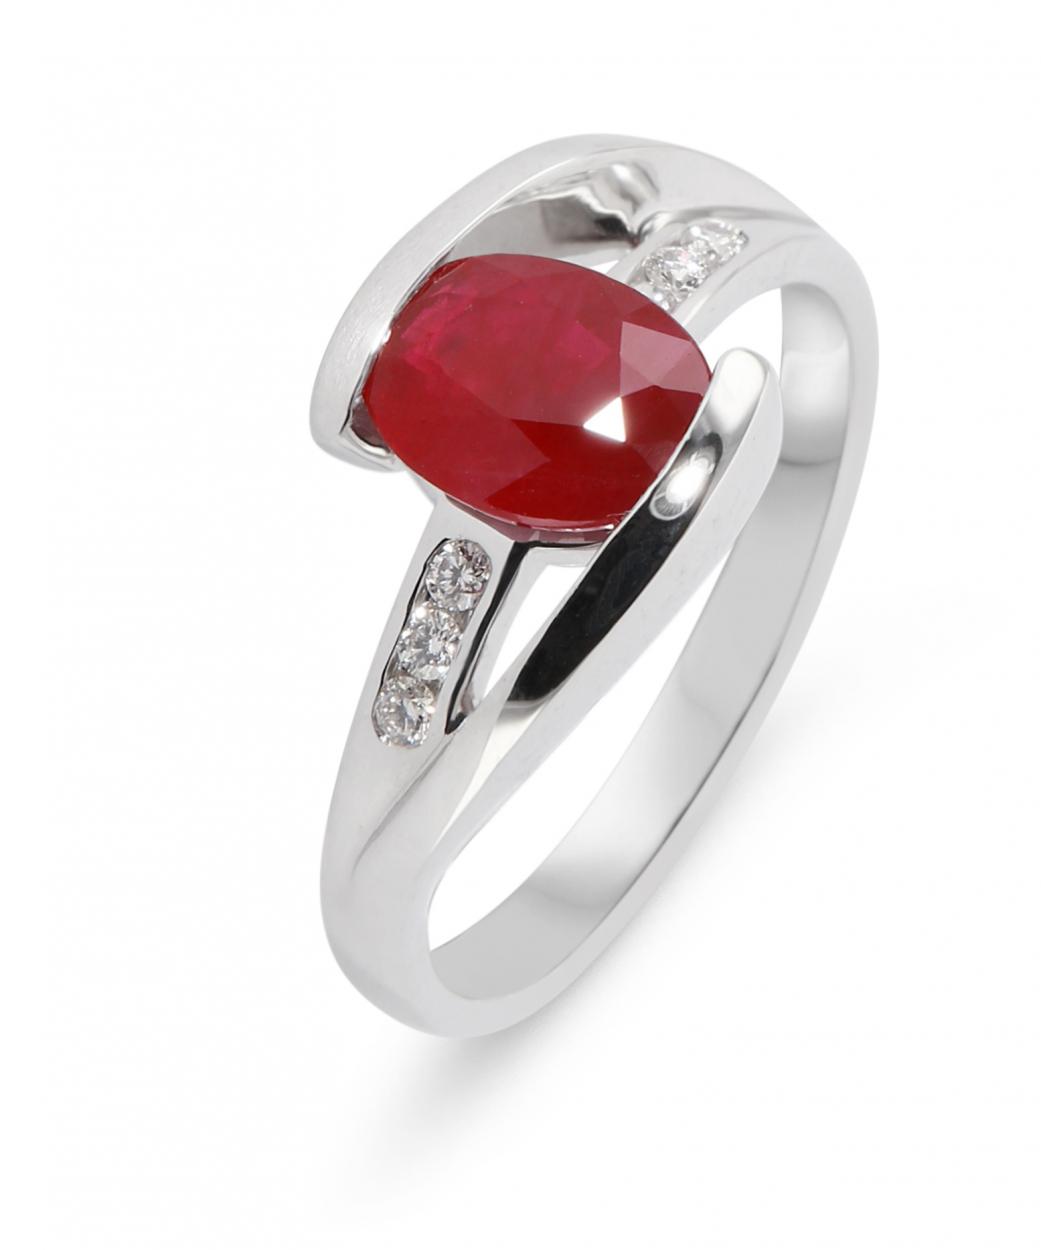 design intemporel 9ca20 0852e Bague Or Blanc 750 Rubis Ovale 8x6mm et Diamant Ref. 43156 | Bijouterie  Trabbia Vuillermoz